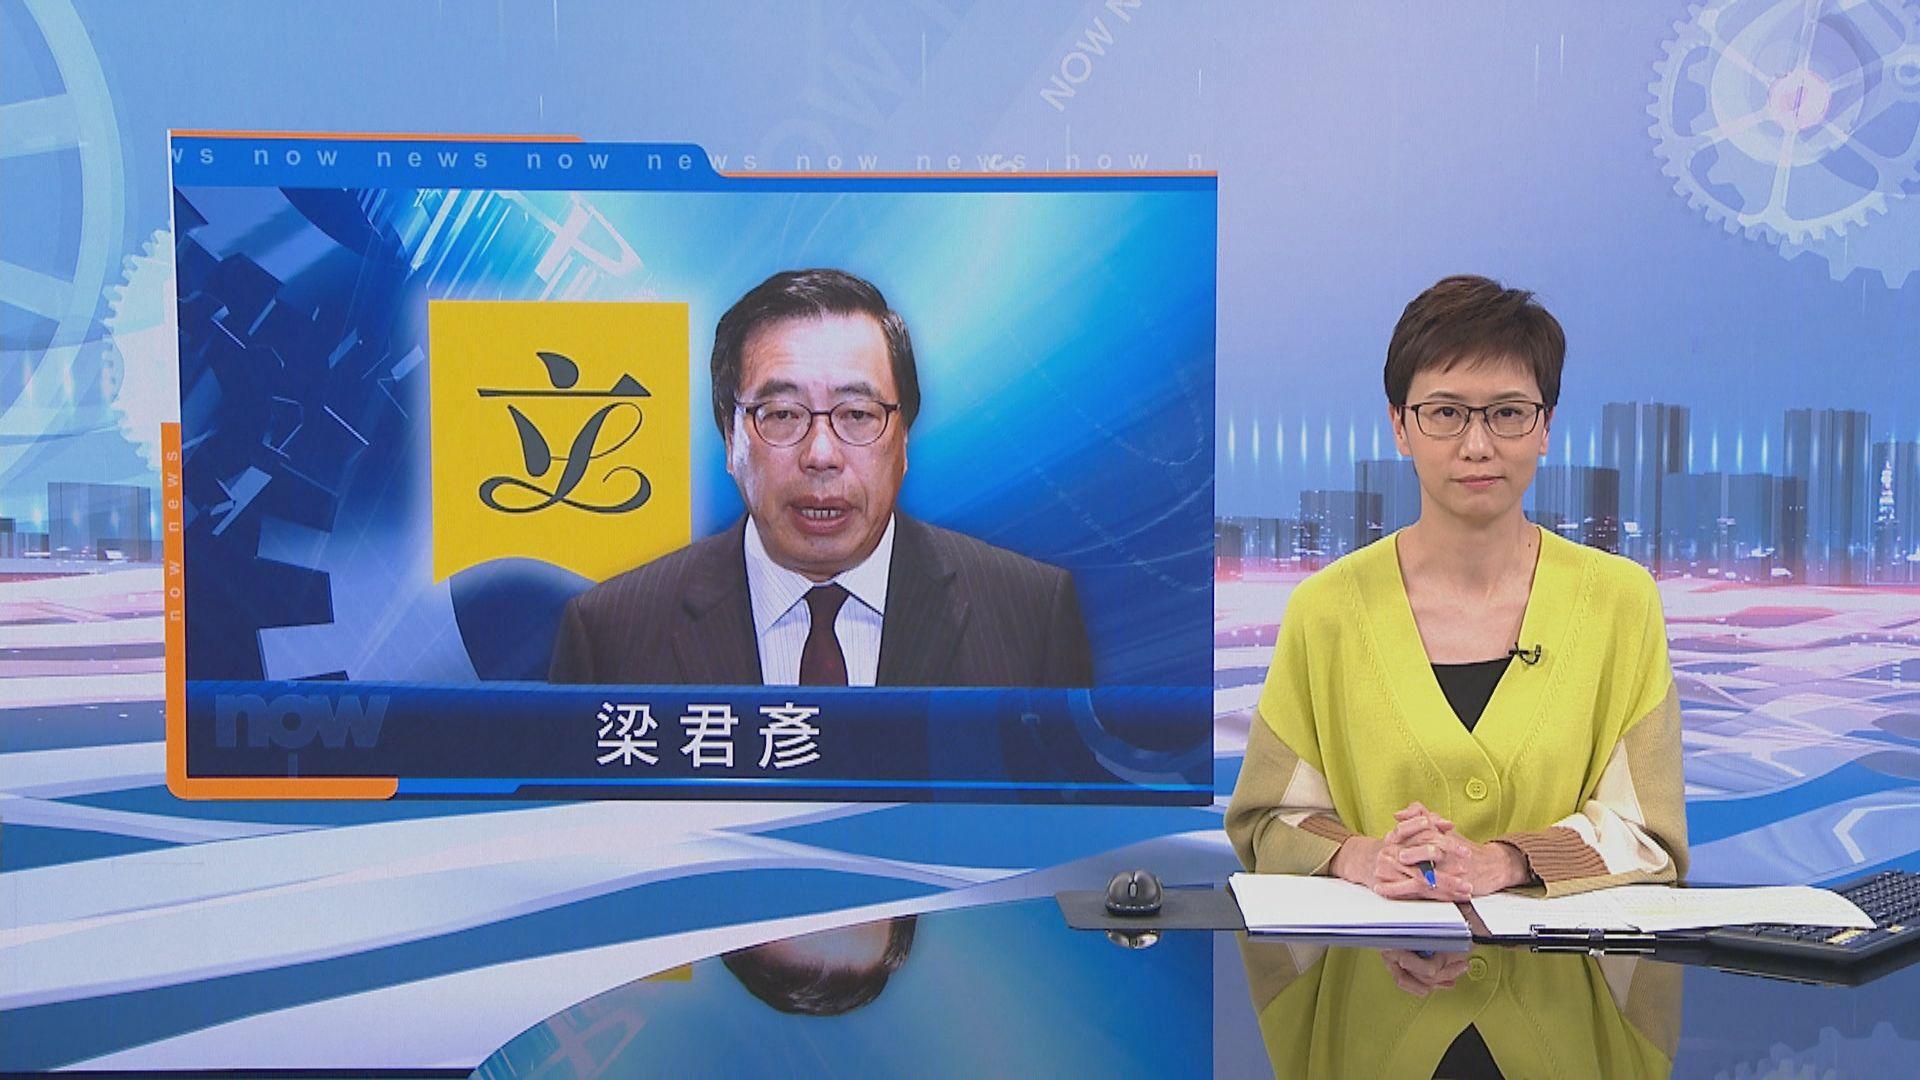 梁君彥:盼12個月內順利完善相關選舉